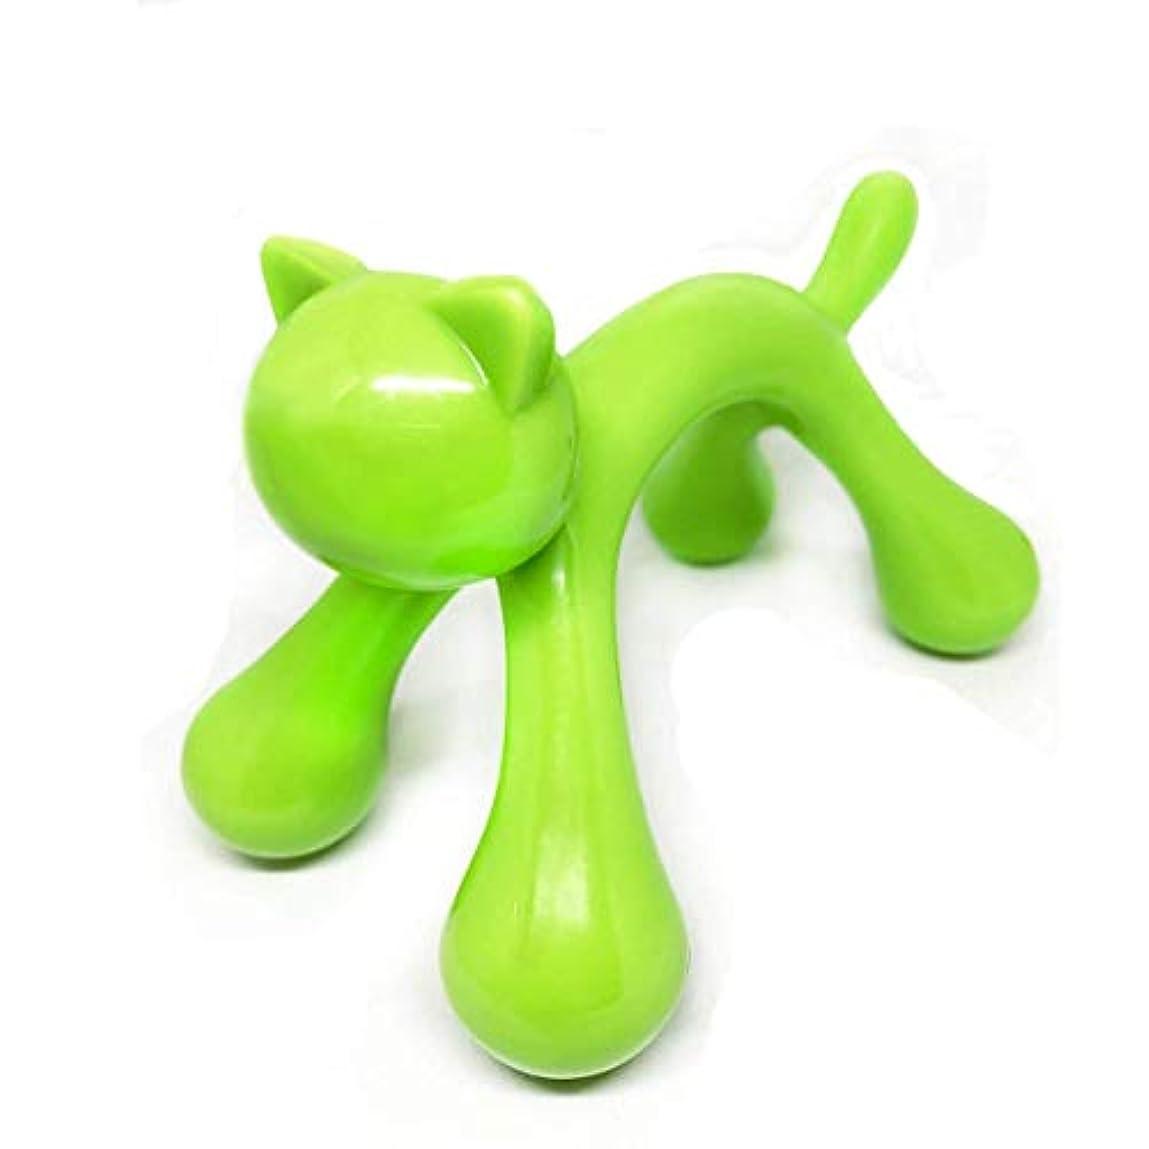 海里動物園ベテランSimg マッサージ棒 ツボ押しマッサージ台 握りタイプ 背中 ウッド 疲労回復 ハンド 背中 首 肩こり解消 可愛いネコ型 (グリーン)